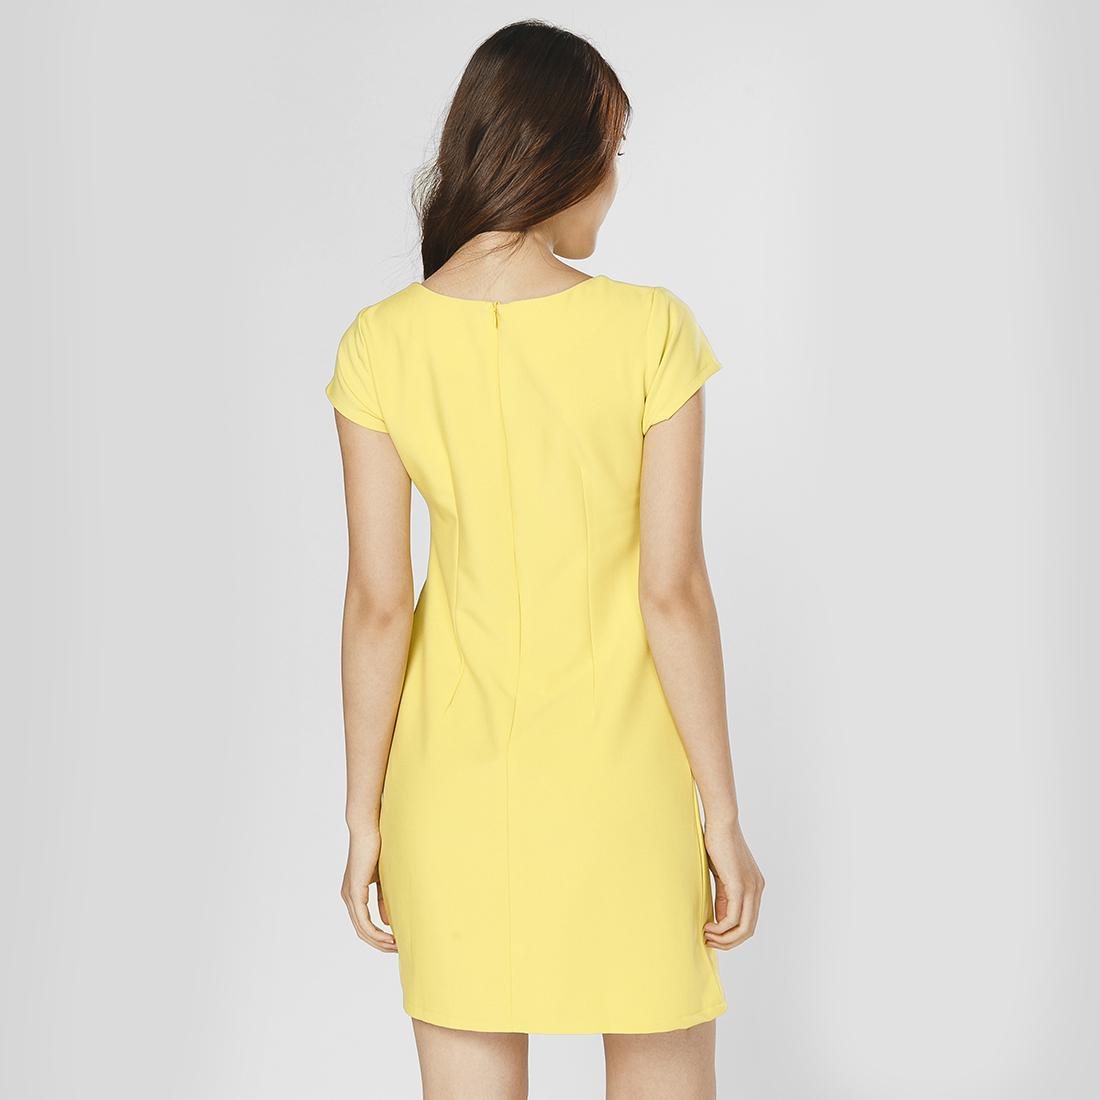 Đầm suông thời trang Eden họa tiết vẽ tay hoa nhí (vàng) - D226